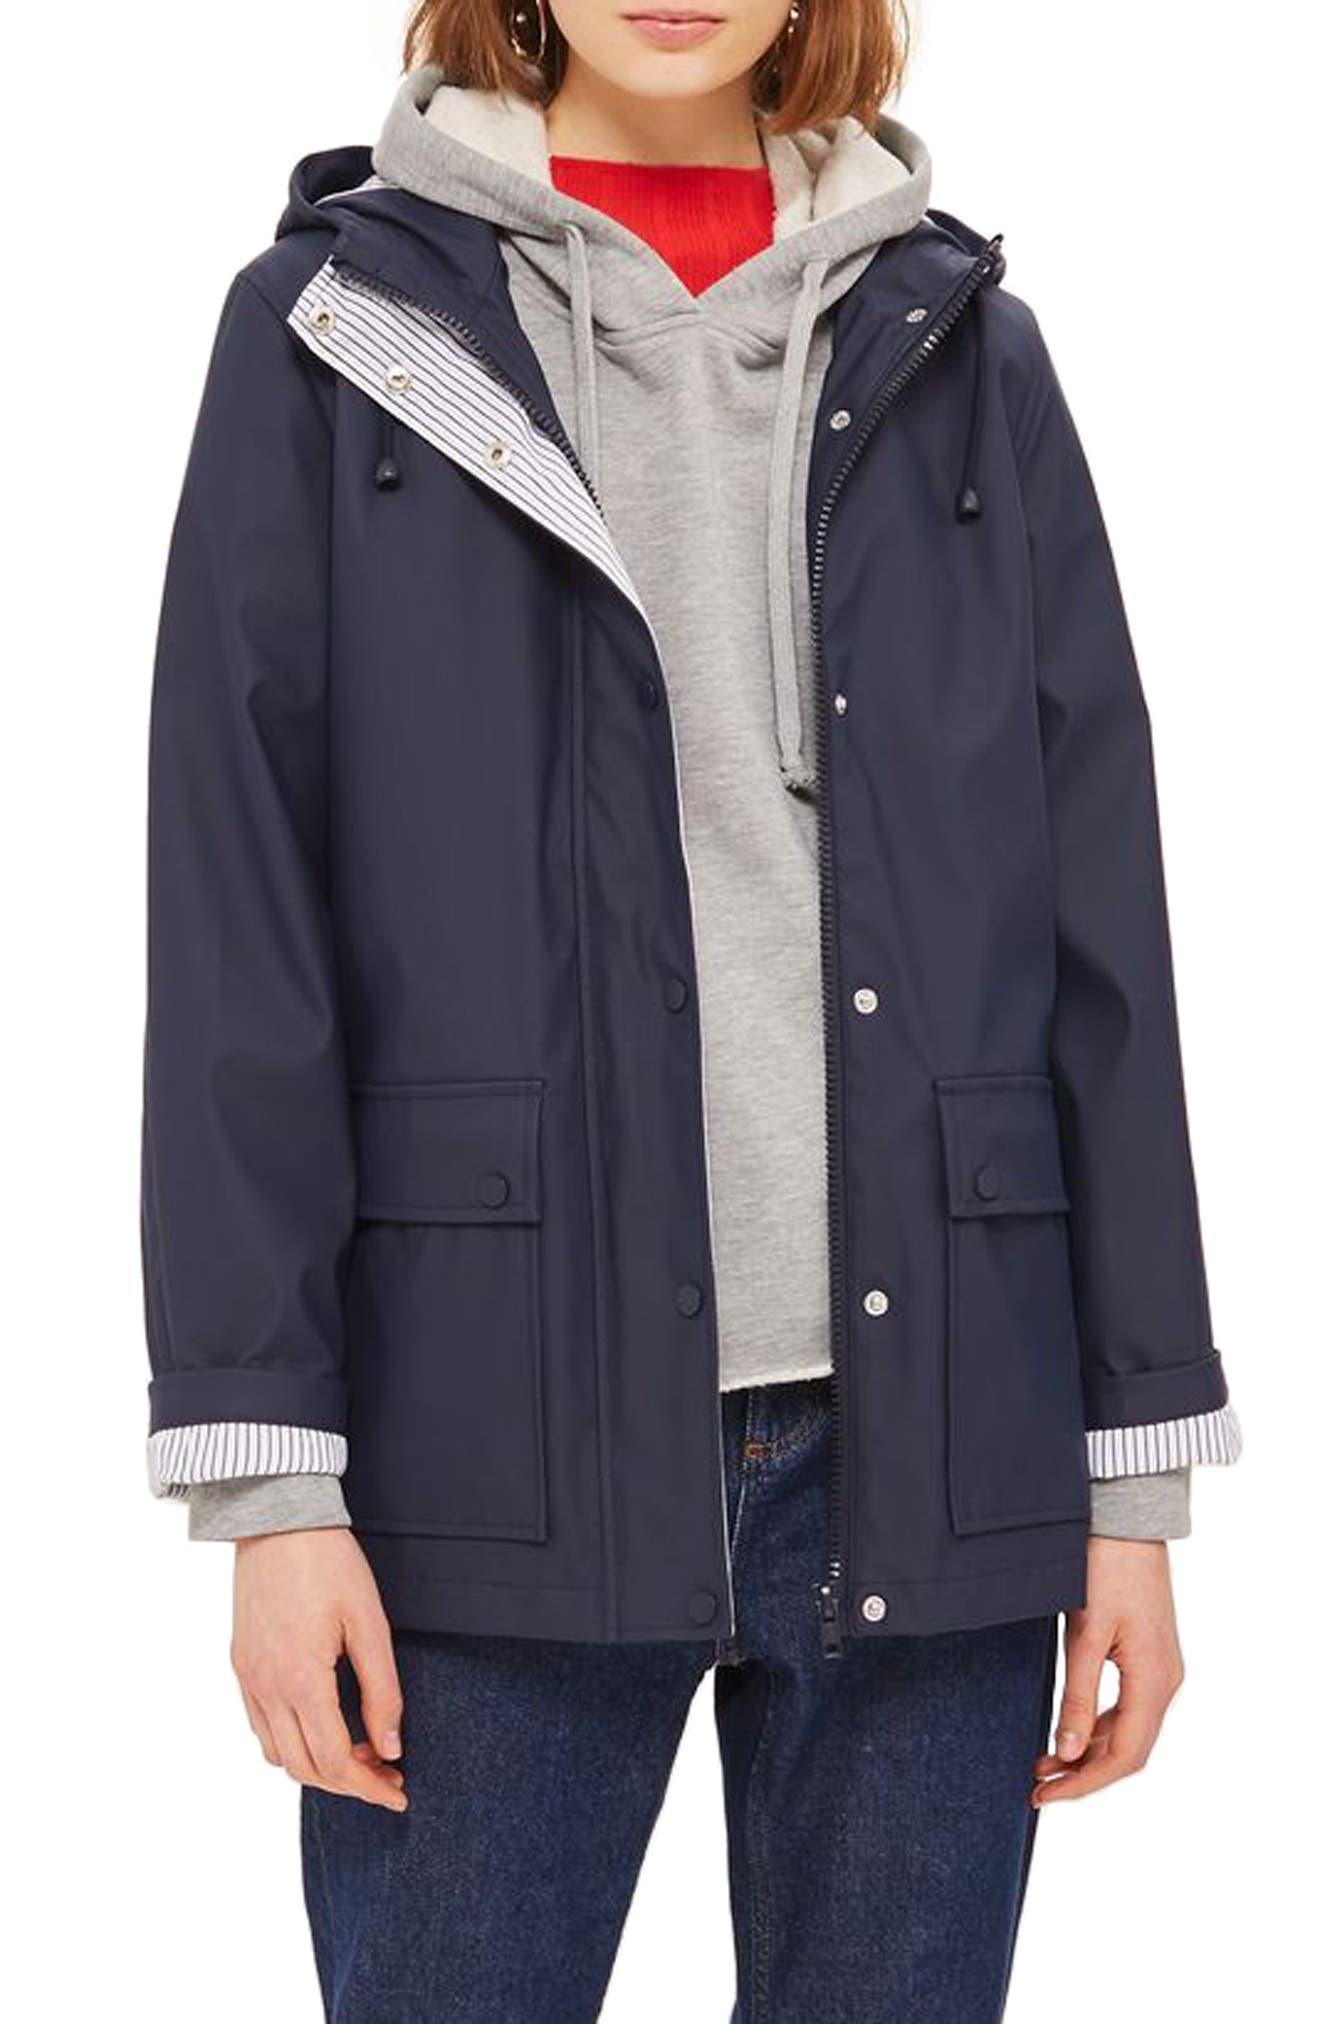 Topshop Women's Coats & Jackets | Nordstrom